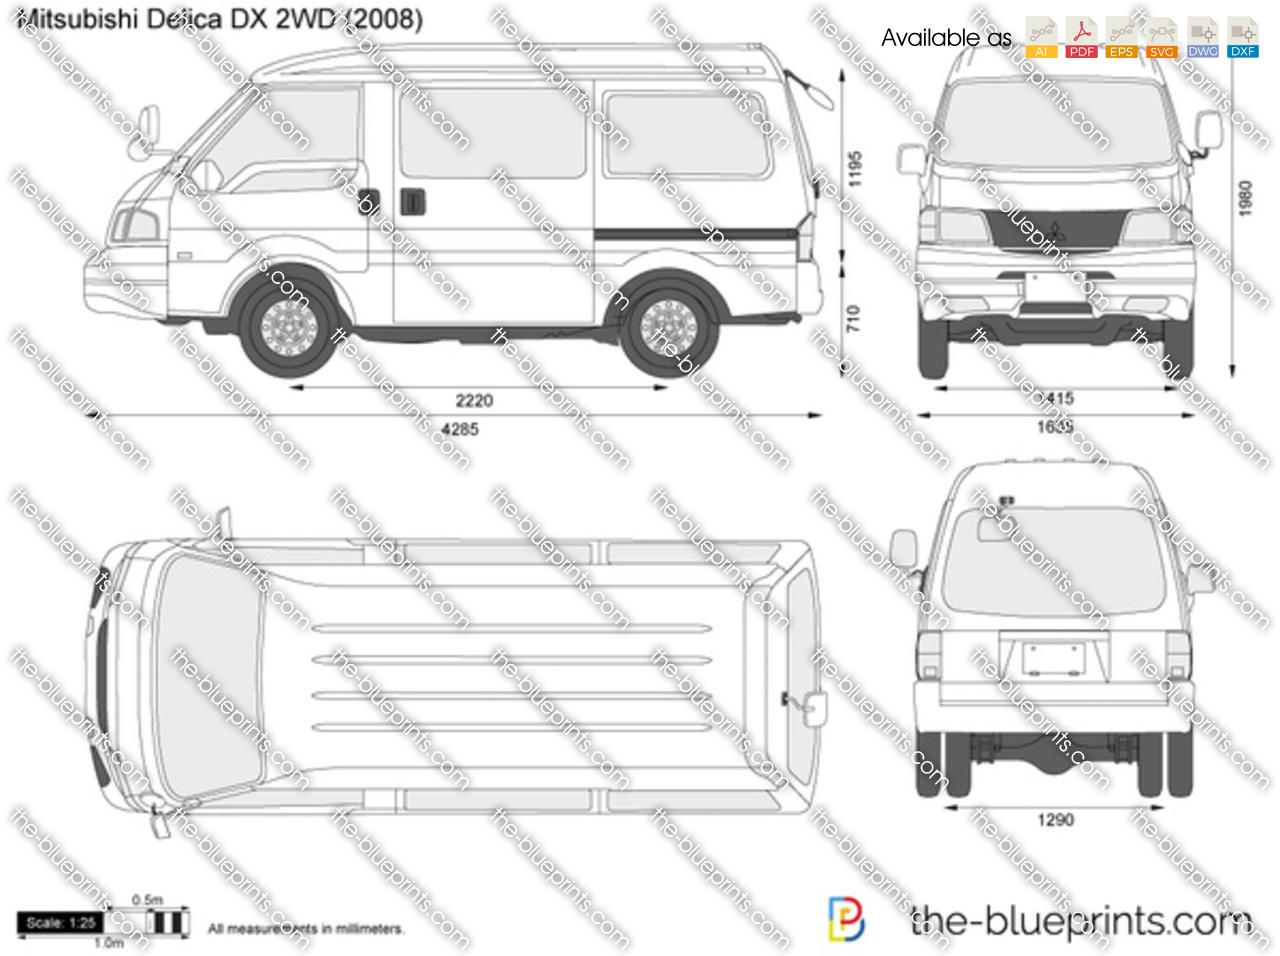 Mitsubishi Delica DX 2WD 2000